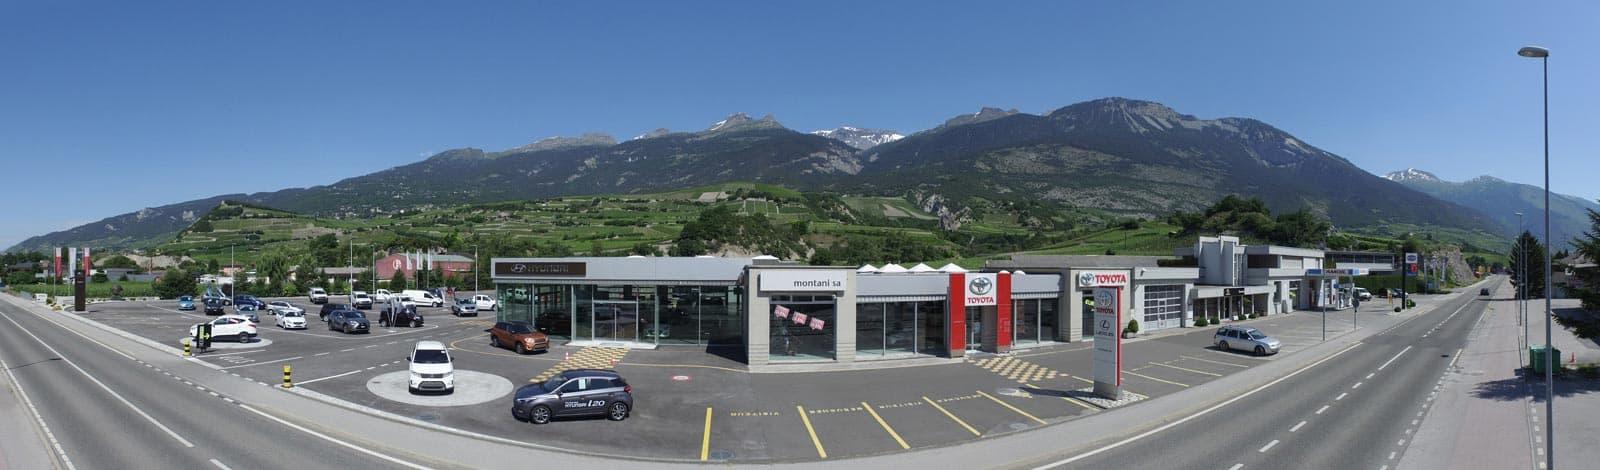 garage_montani_panorama